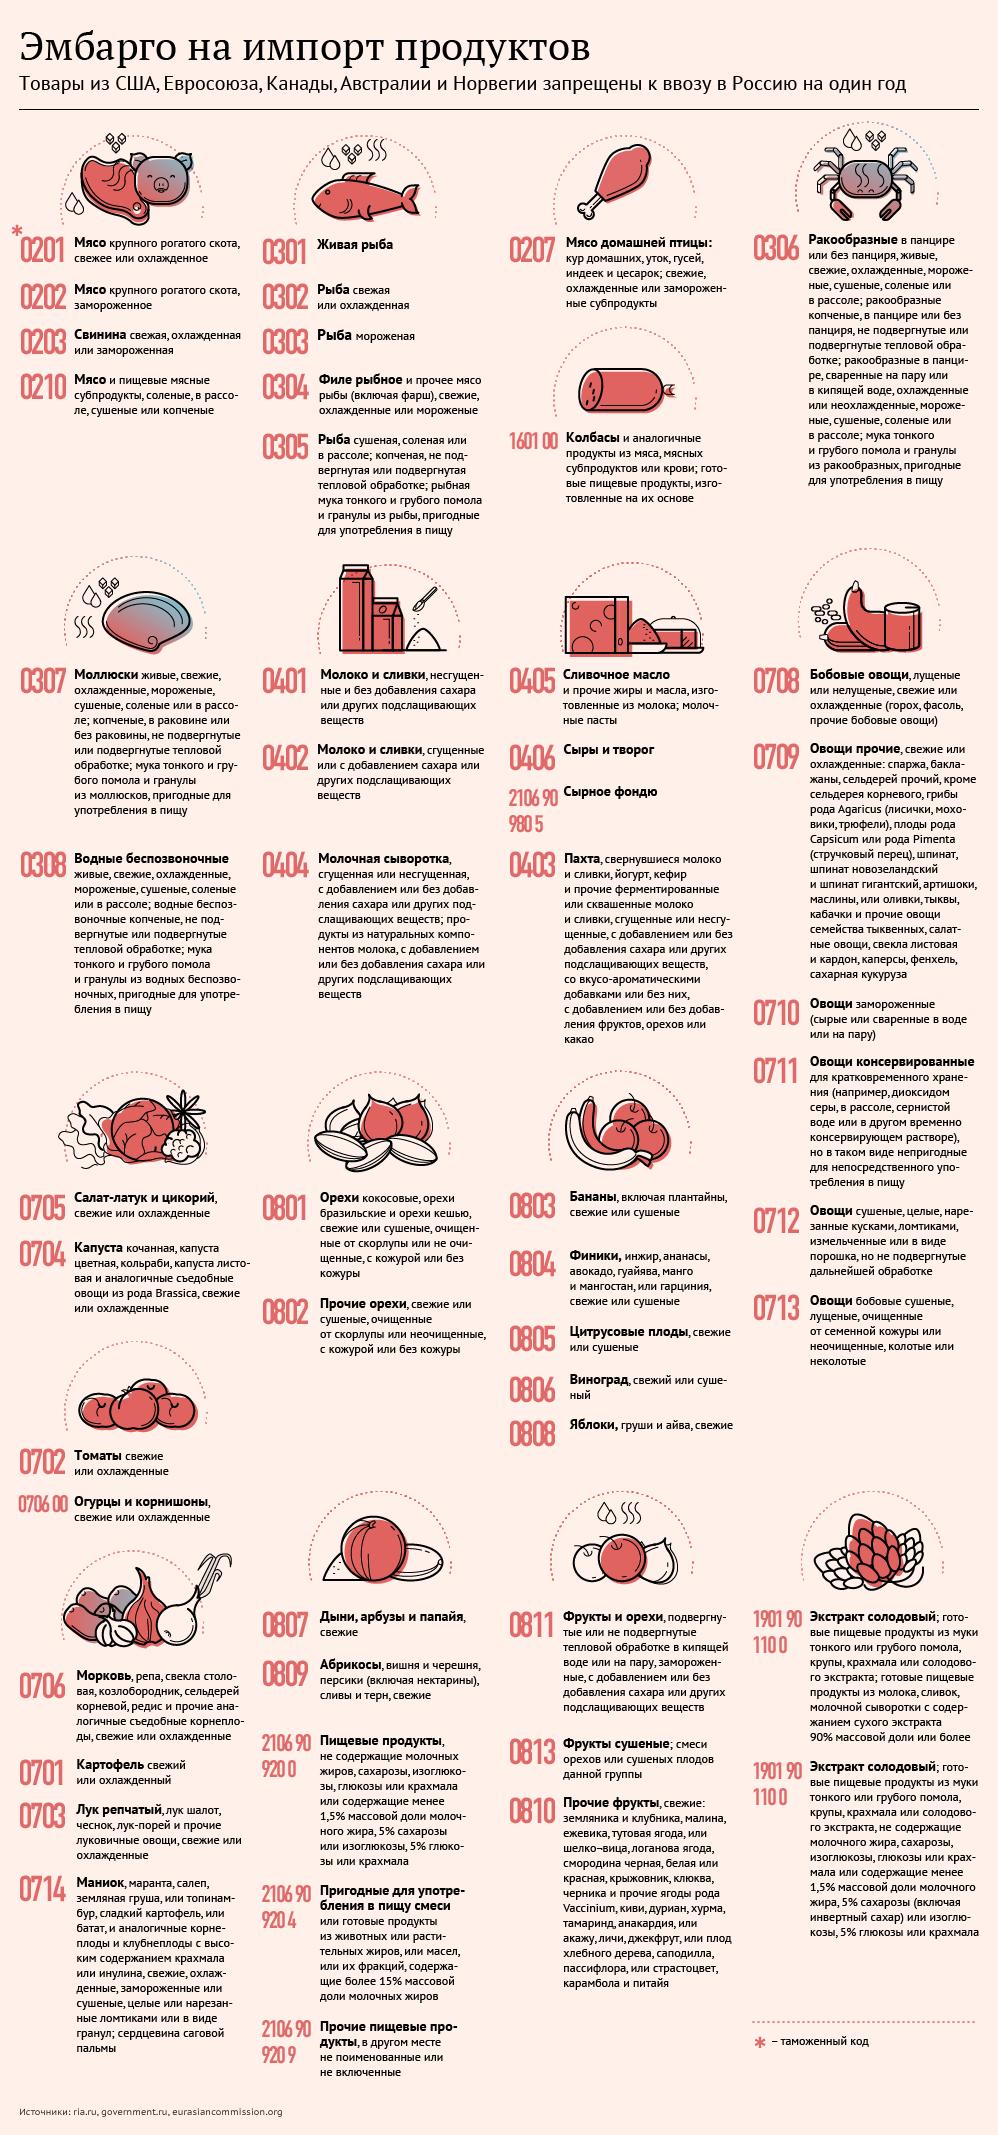 сколько продуктов можно ввезти в россию